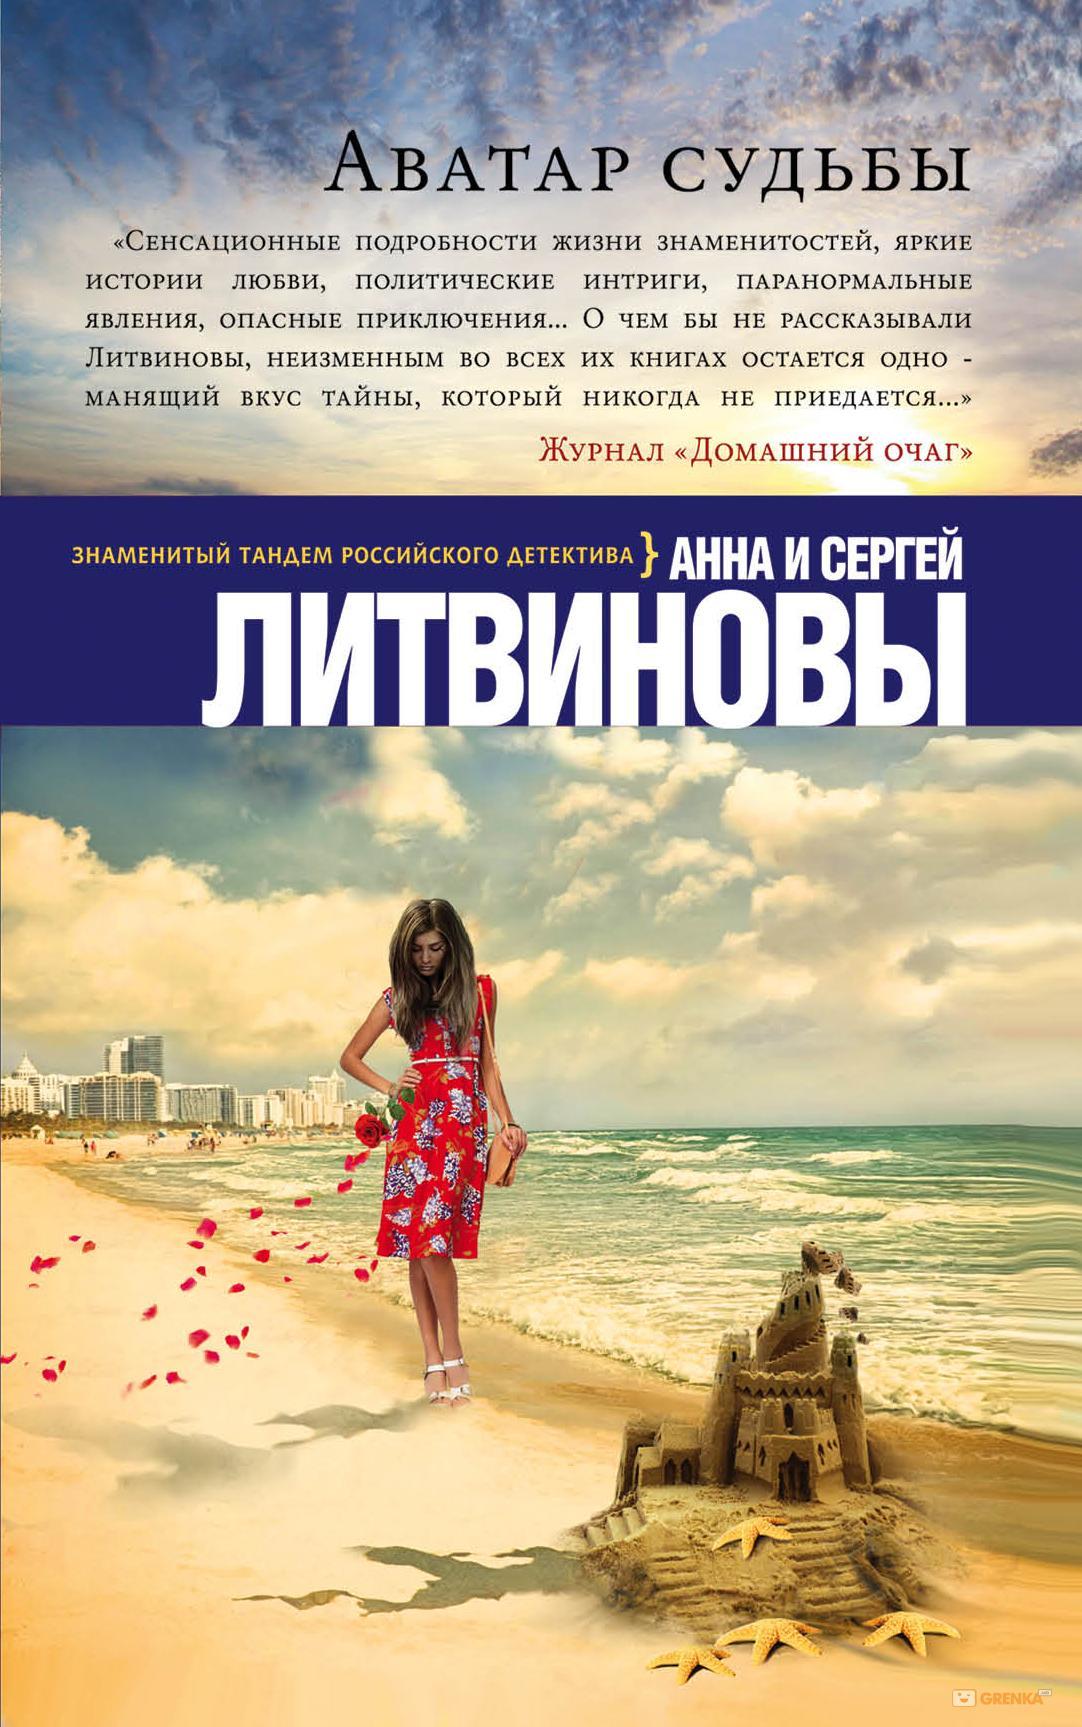 Купить Аватар судьбы, Сергей Литвинов, 978-5-699-90008-4